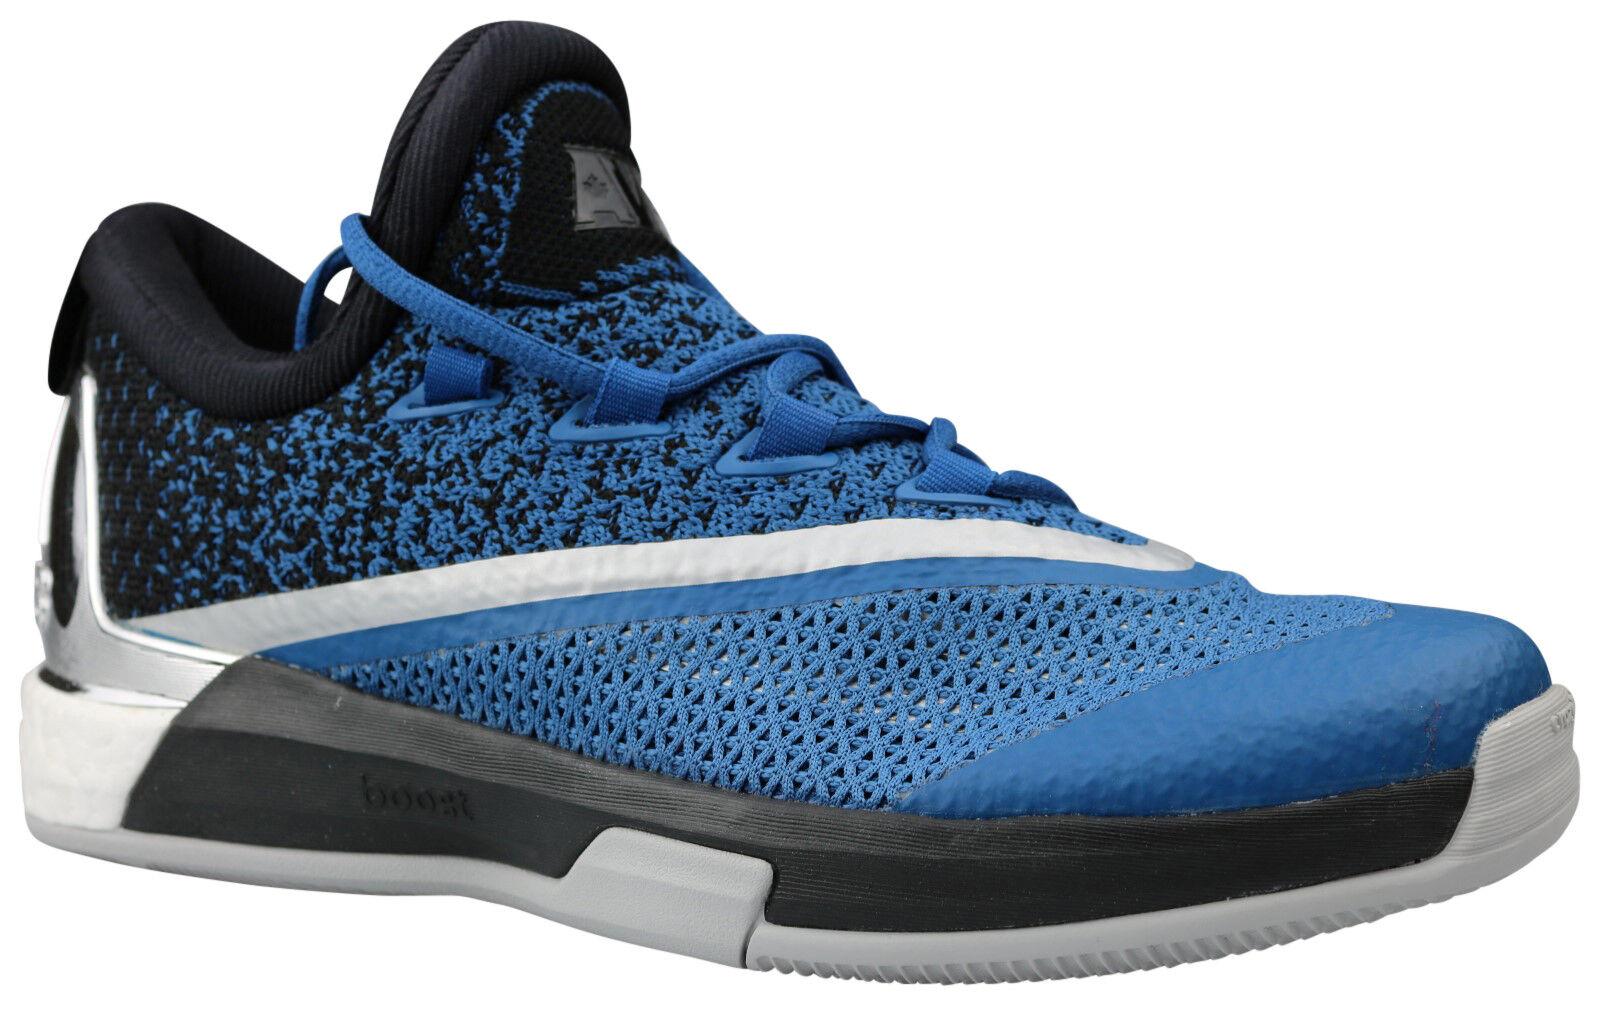 Adidas crazylight Boost 2.5 Low Hombres Zapatillas aq8469 & 44,5 nuevo & OVP